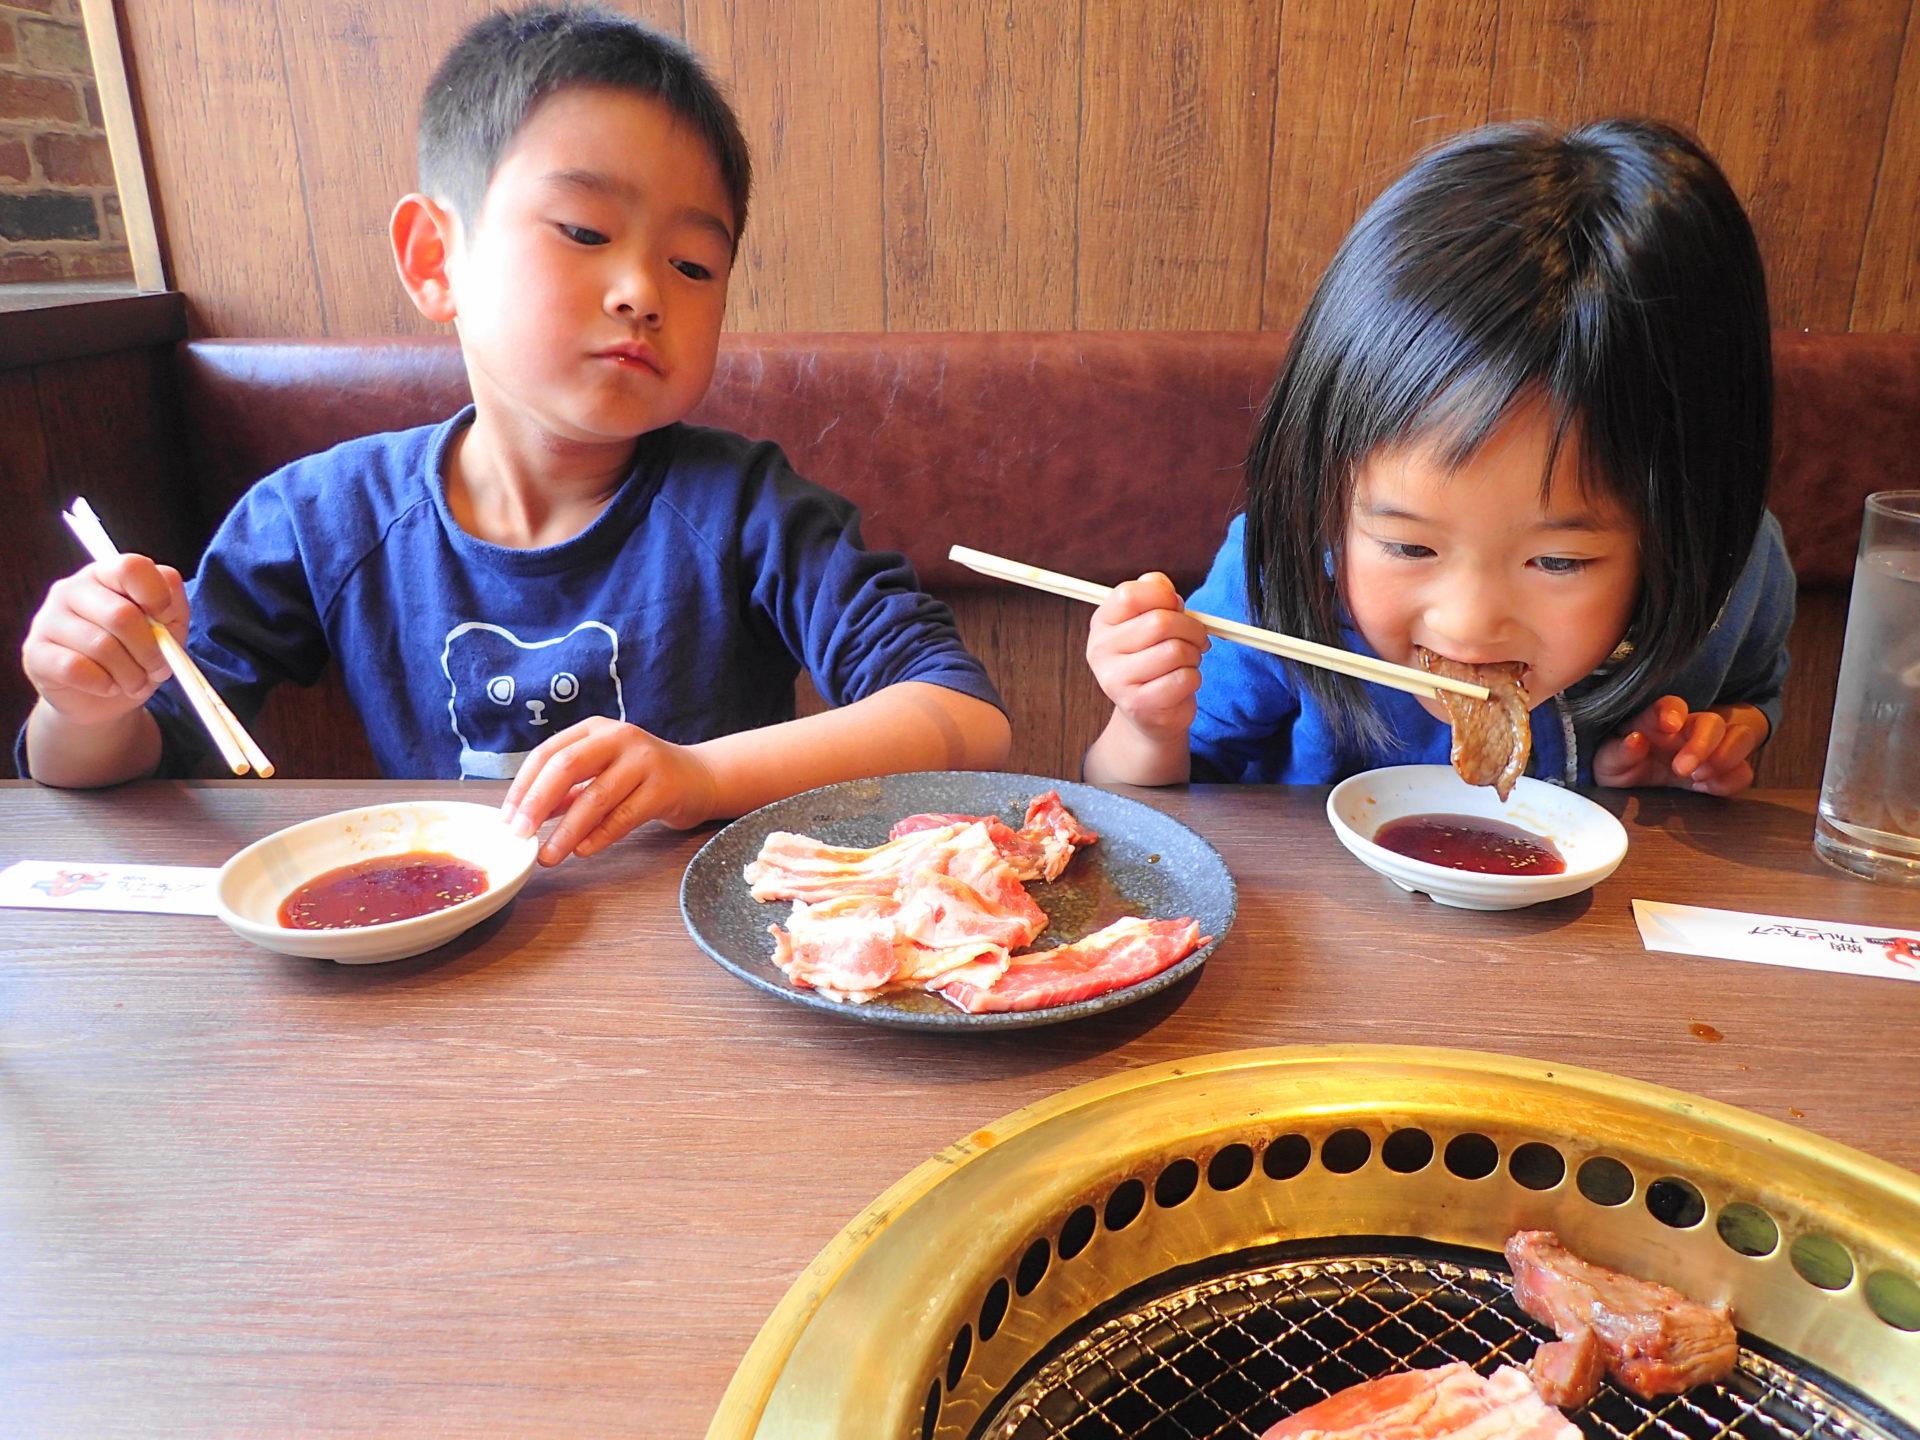 カルビチャンプ石岡店|90分1980円食べ放題!小学生990円、幼児無料 - いばらじお♪